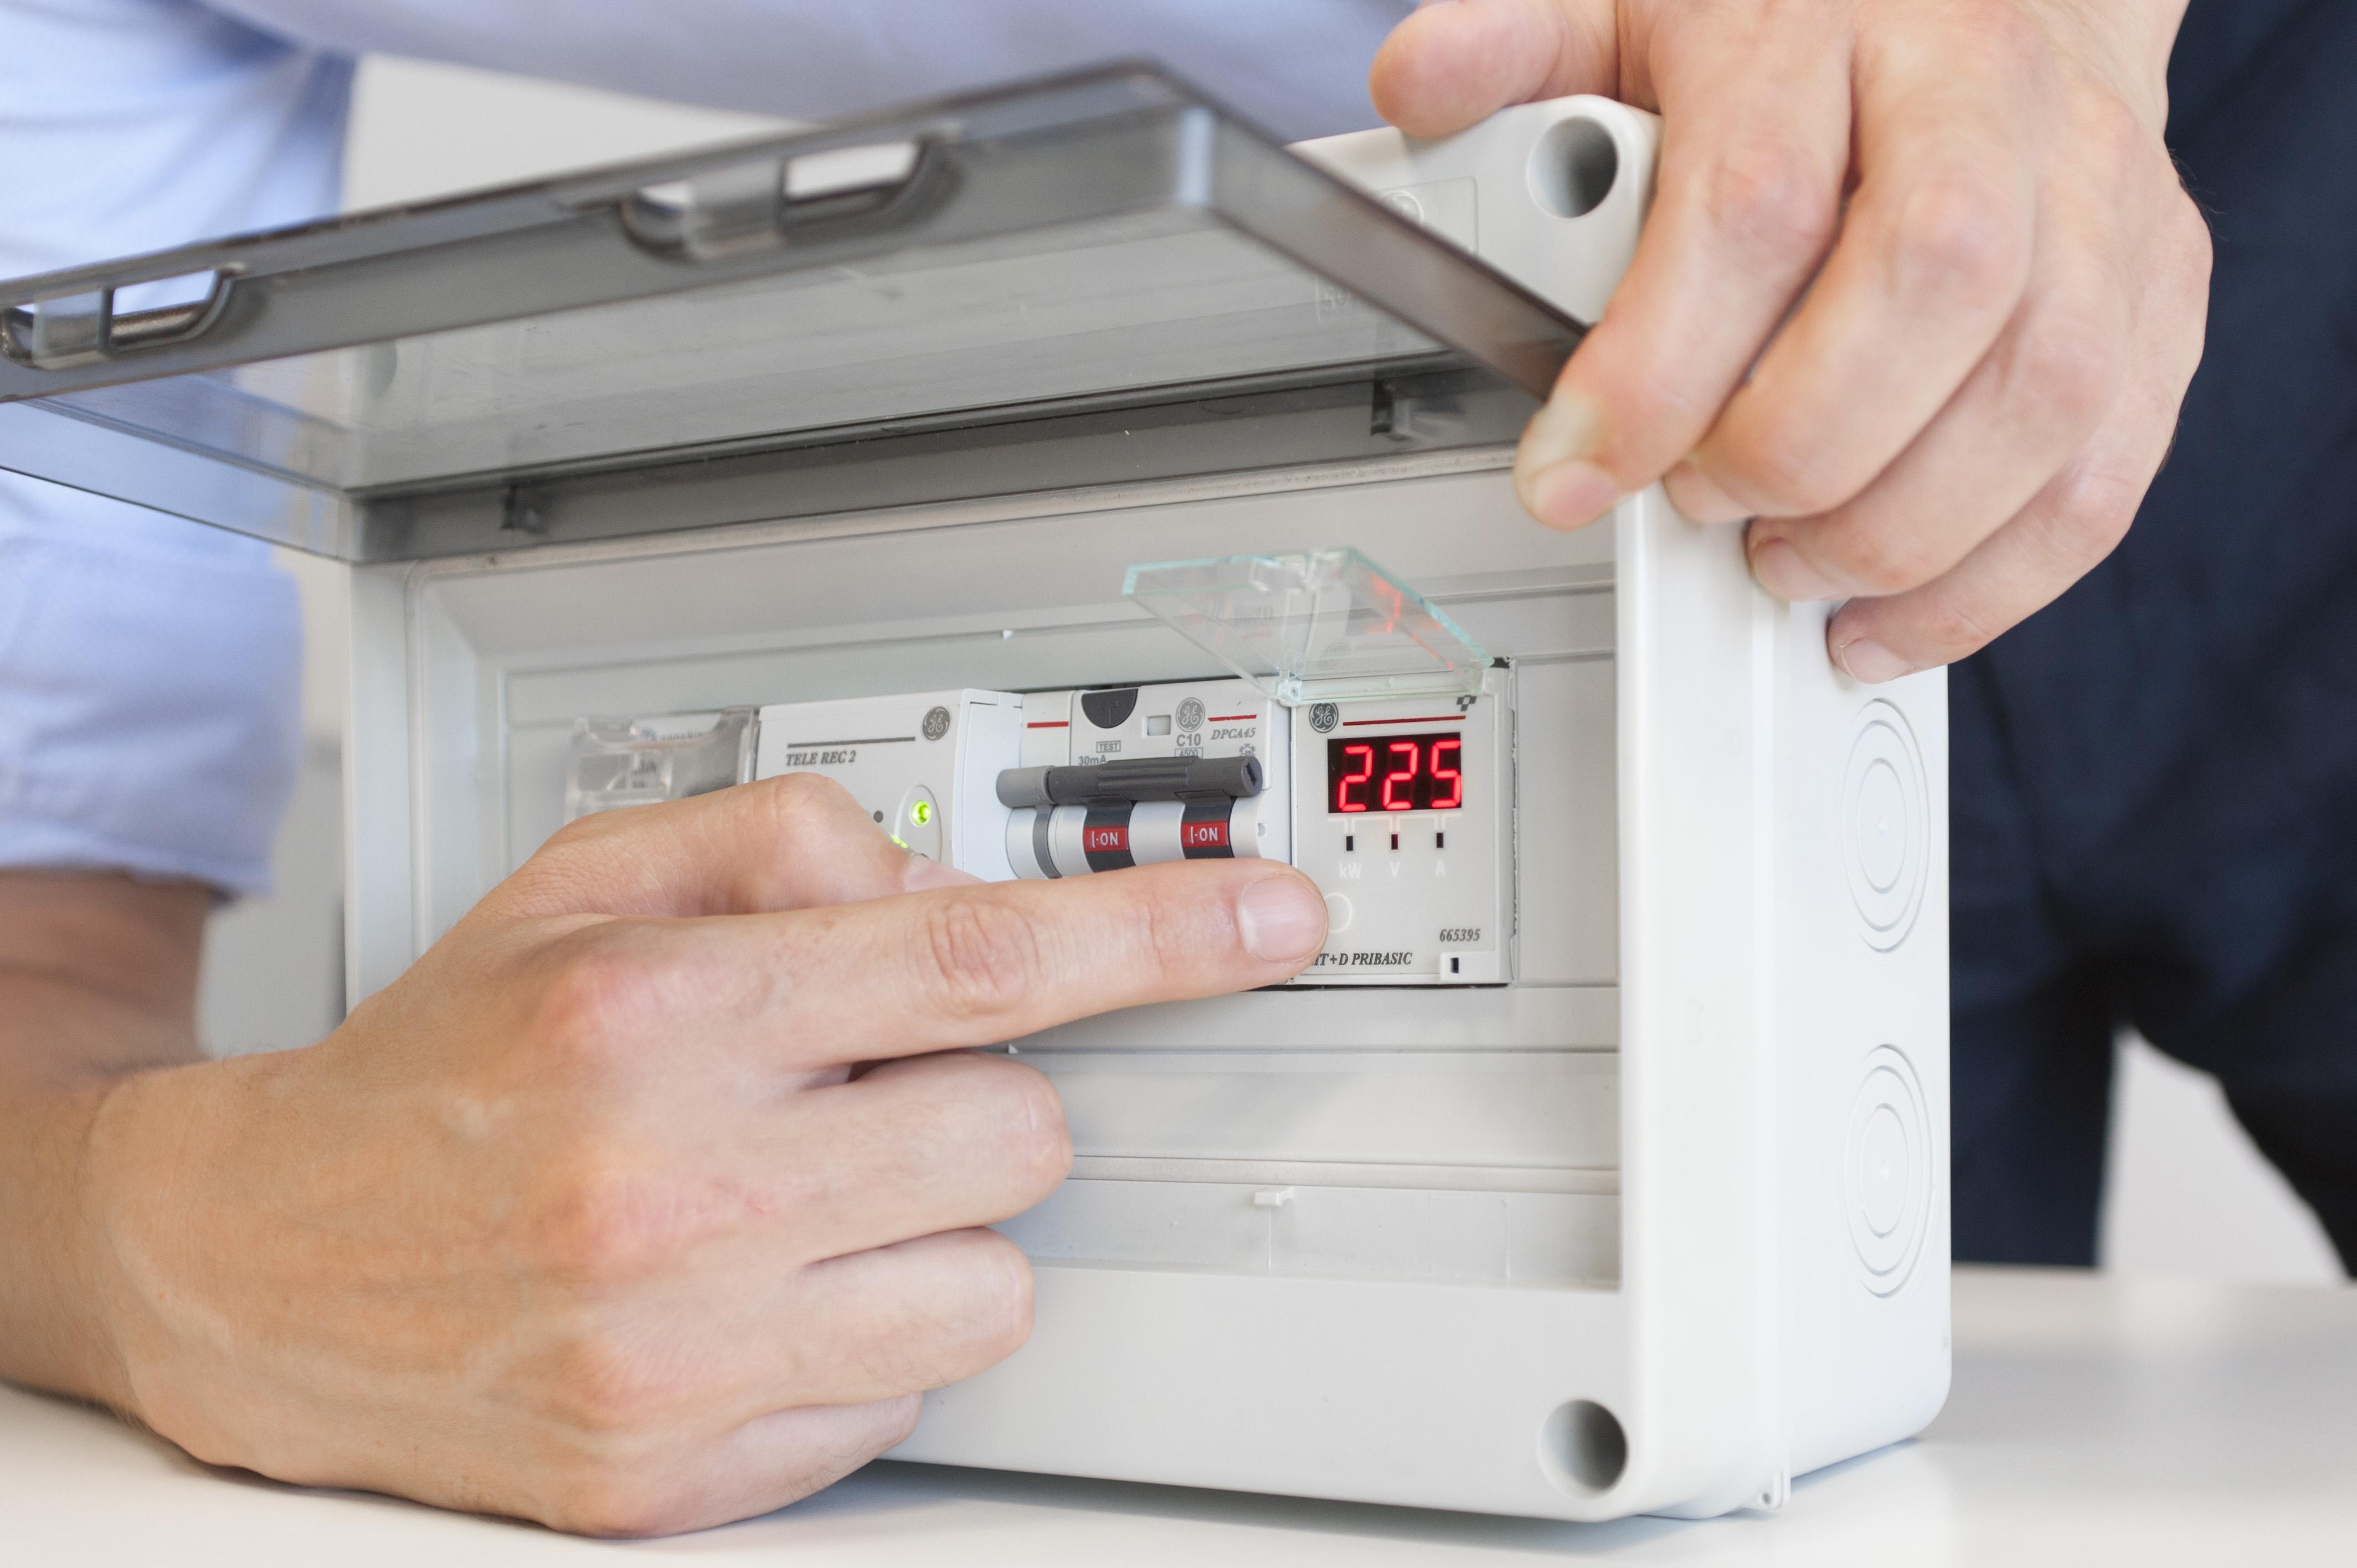 Schemi Elettrici Elettrodomestici : Stop ai black out con un piccolo relè elettro